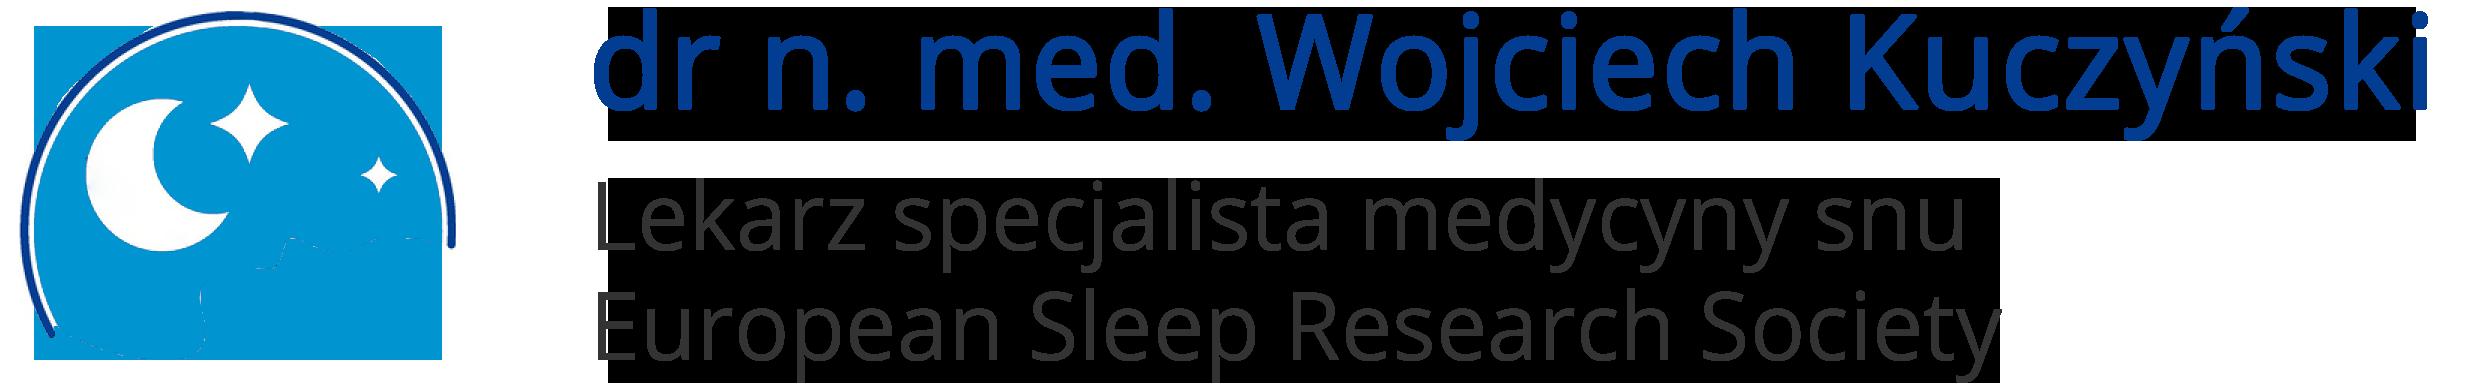 Medycyna snu - dr n. med. Wojciech Kuczyński